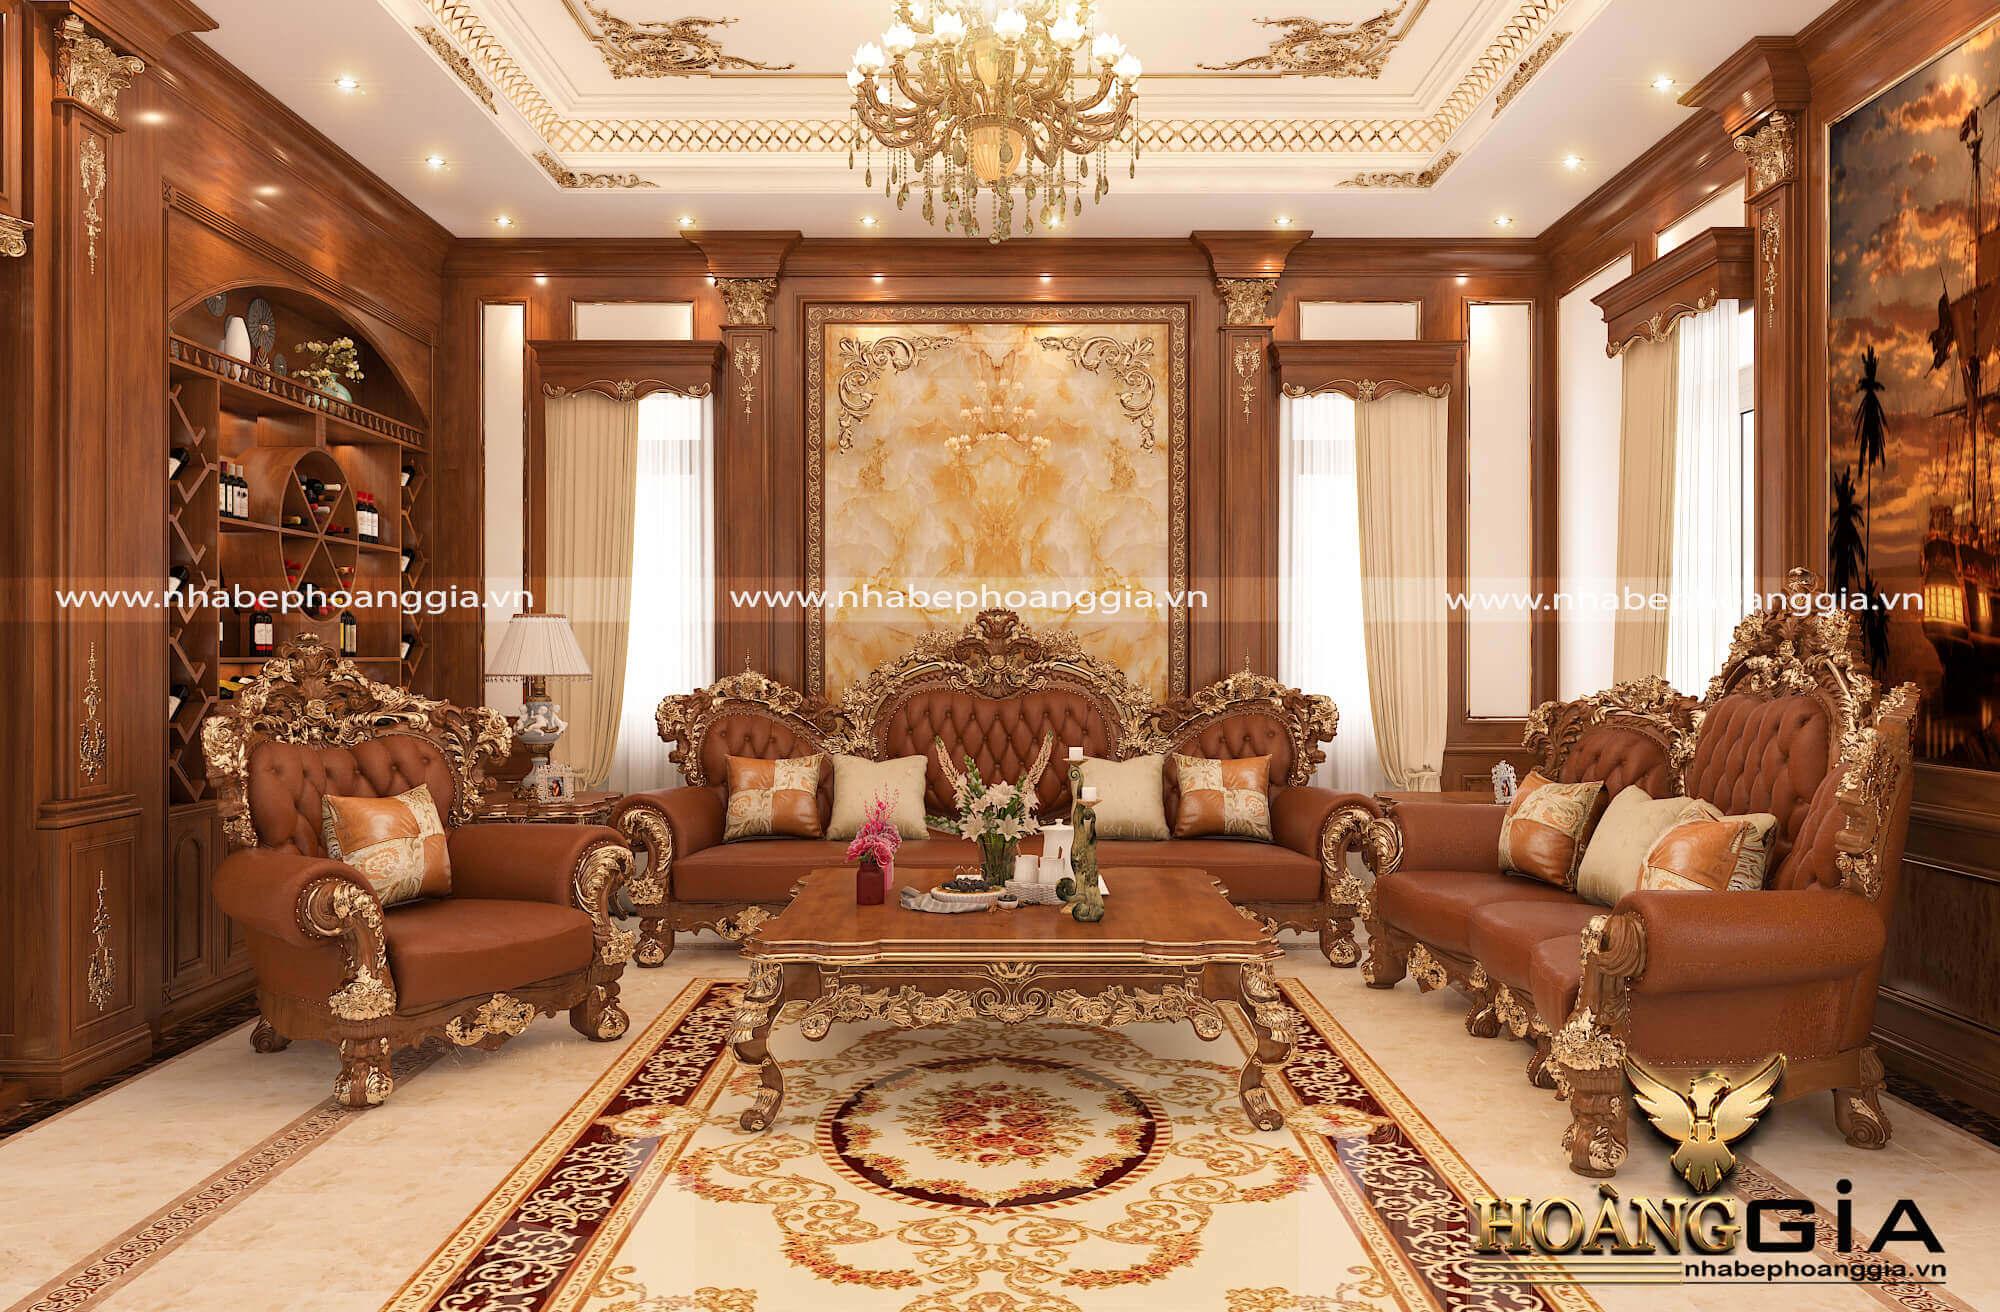 đặc trưng phong cách nội thất cổ điển